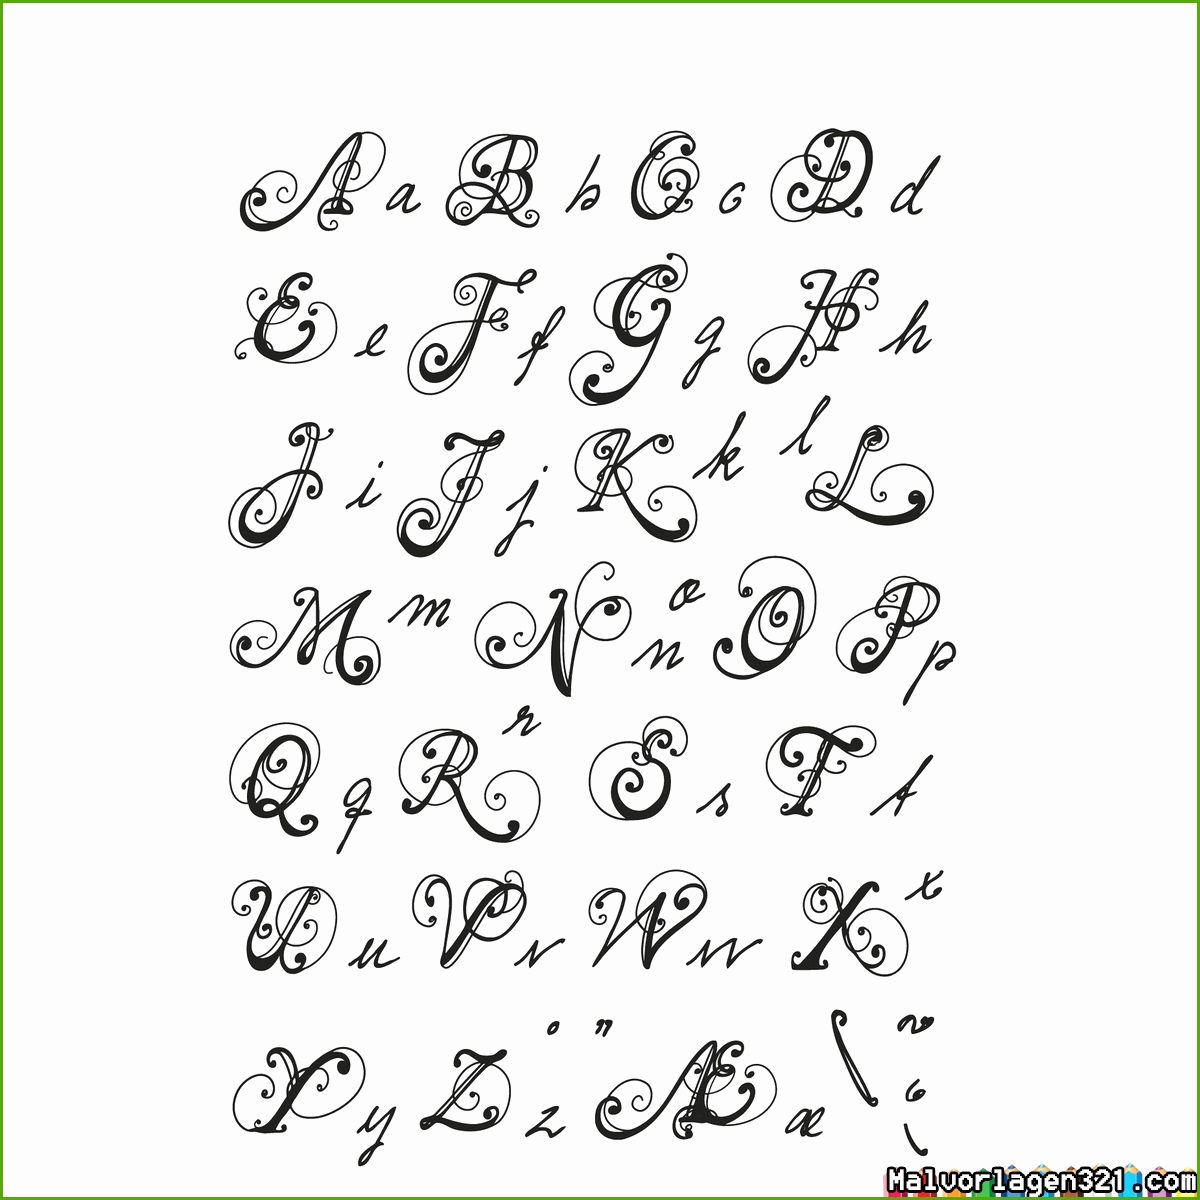 Alphabet Buchstaben Ausdrucke - Malvorlagen Für Kinder über Buchstaben Ausdrucken